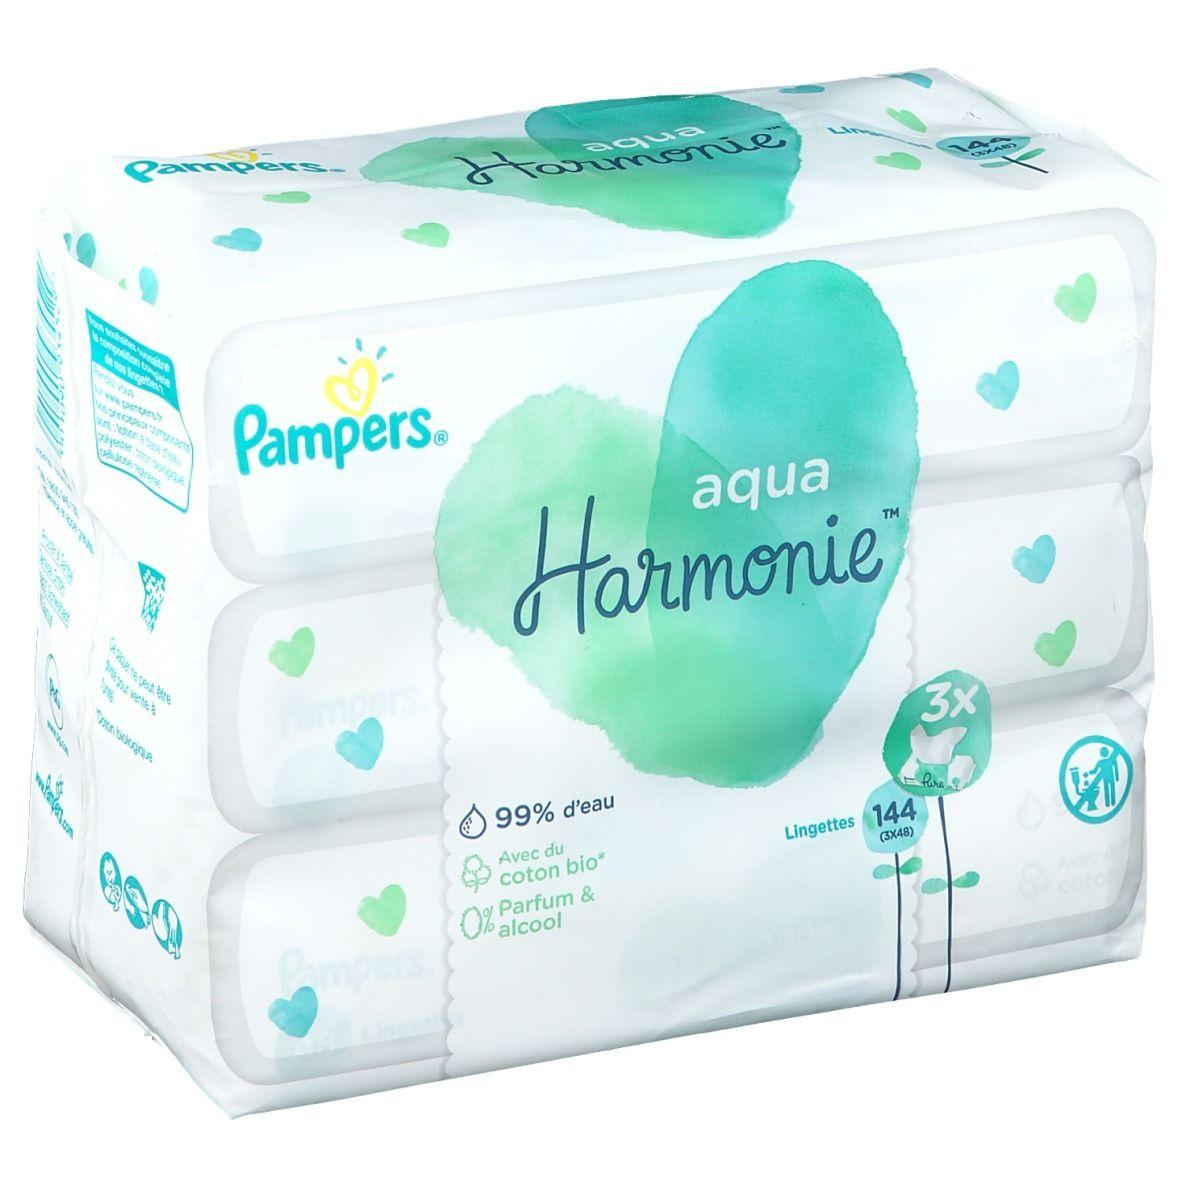 Pampers Aqua Harmonie™ Lingettes pc(s) lingette(s)